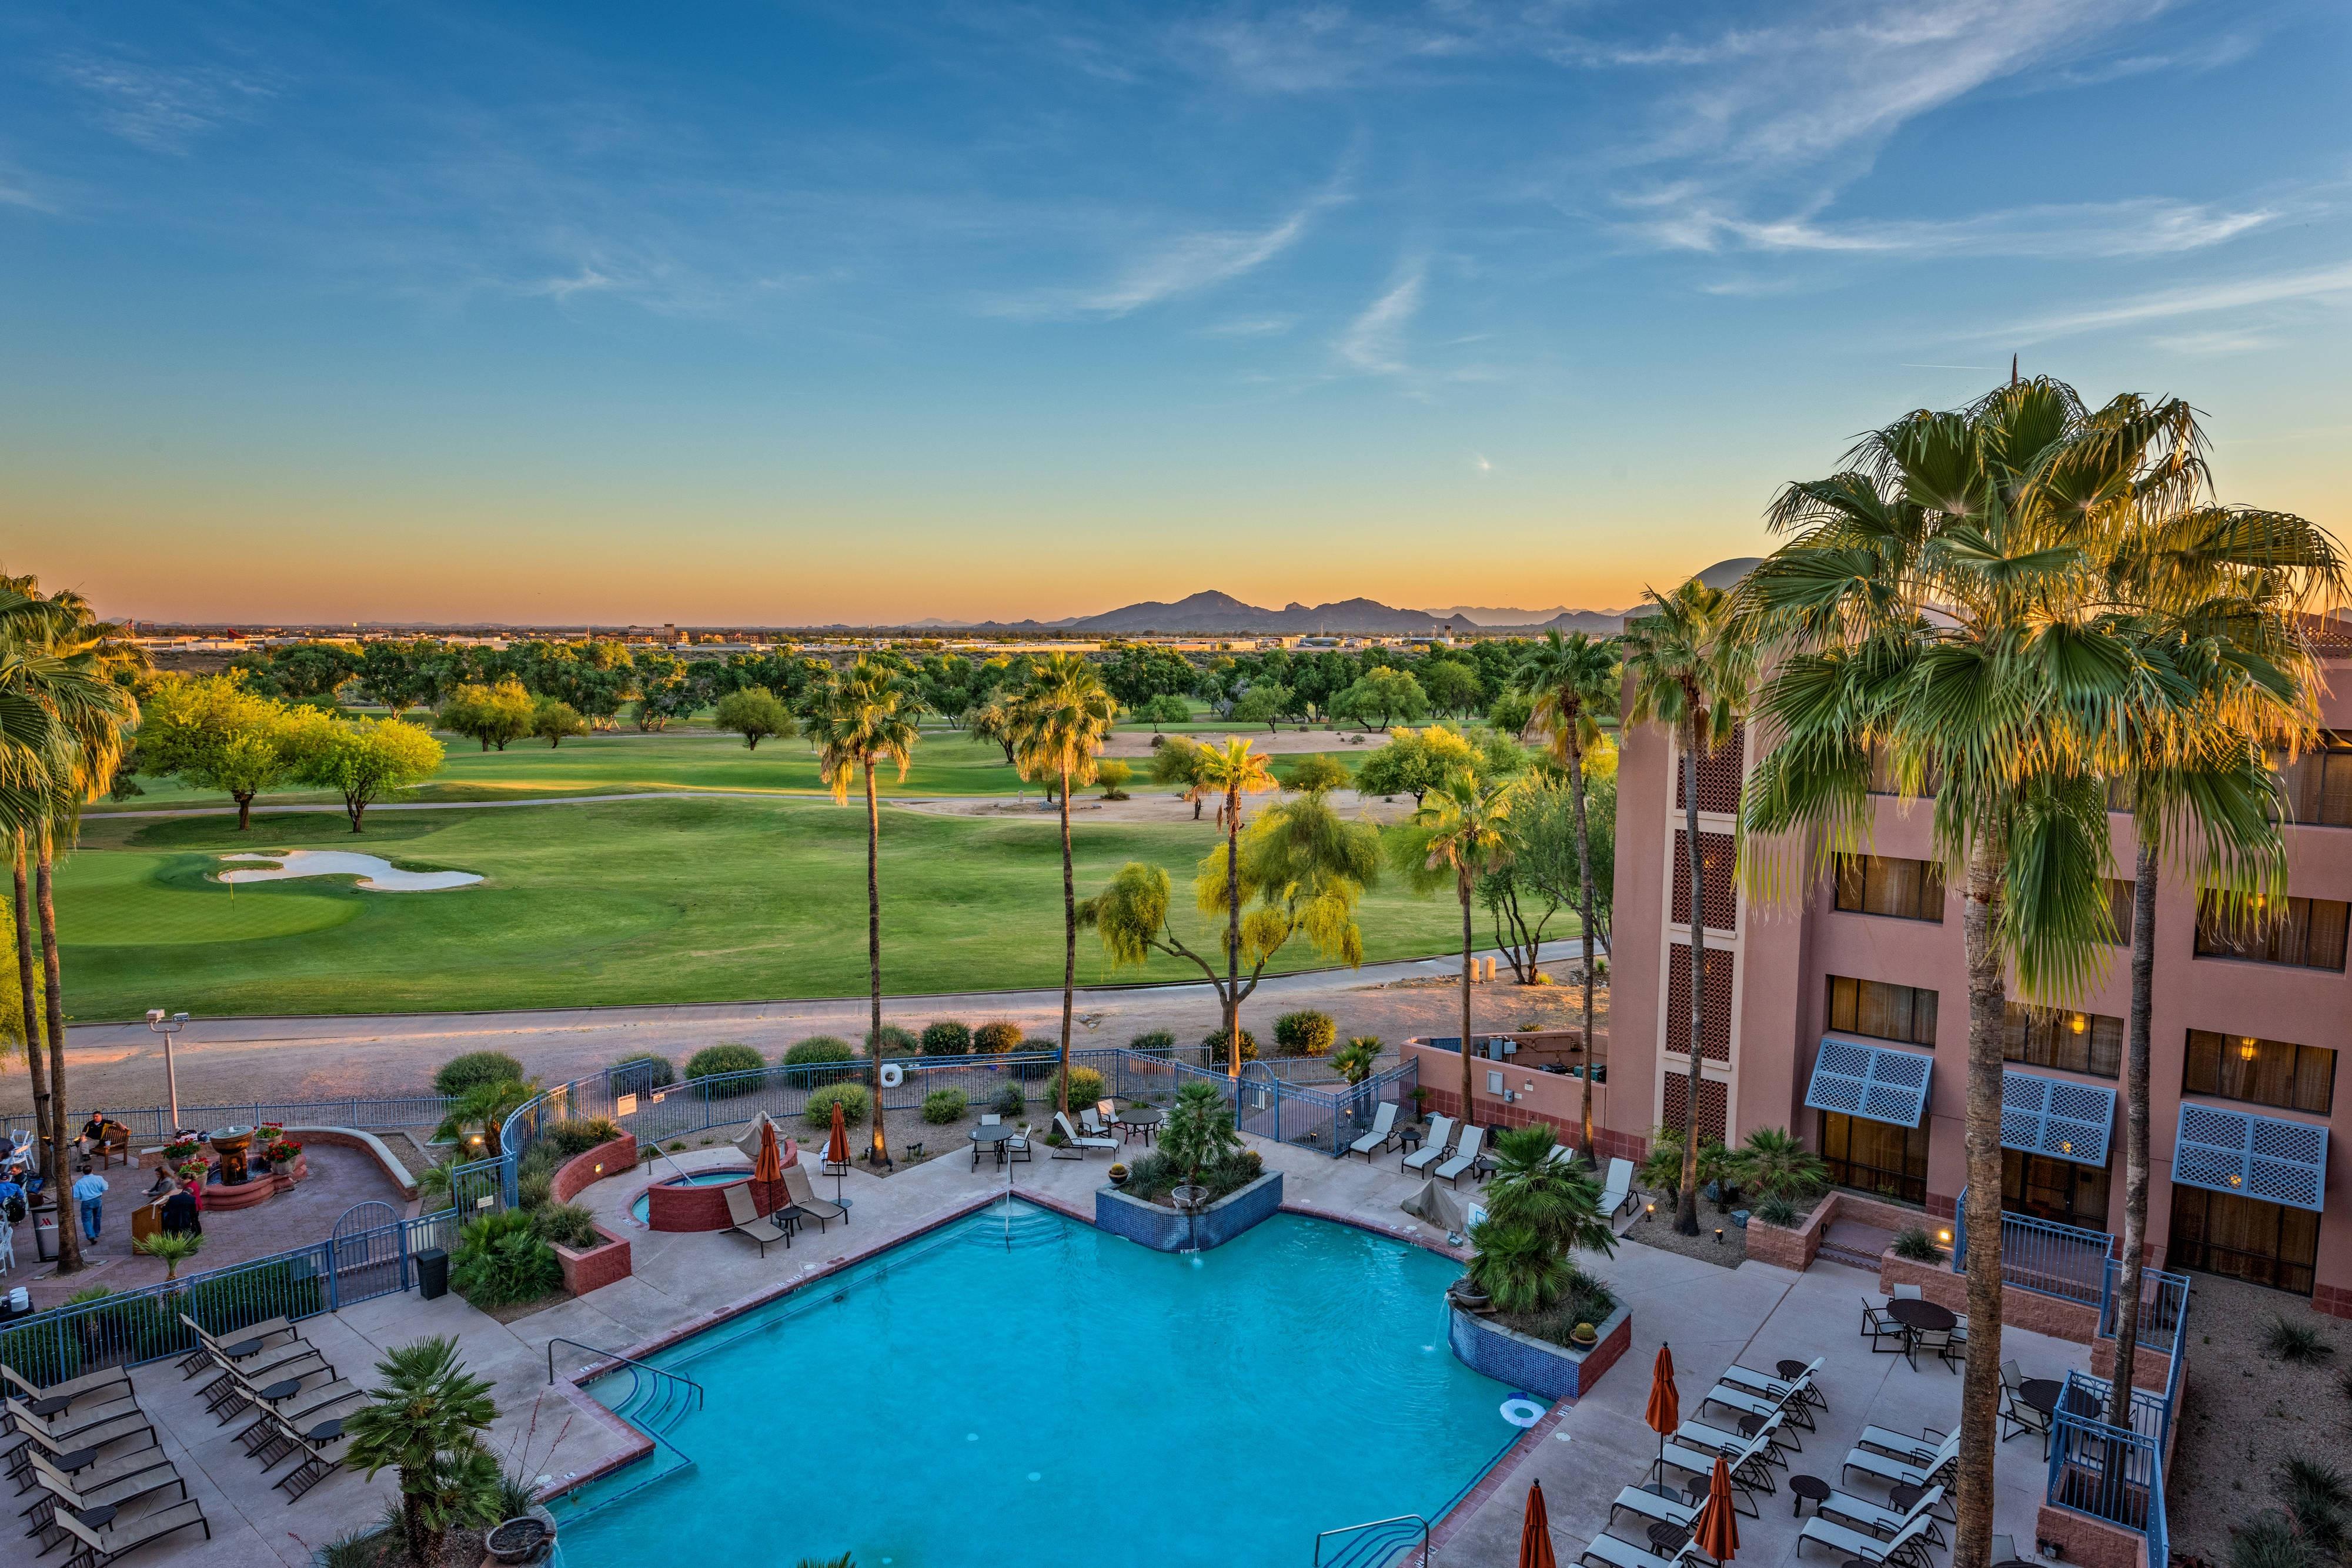 Family Friendly Hotel Scottsdale AZ